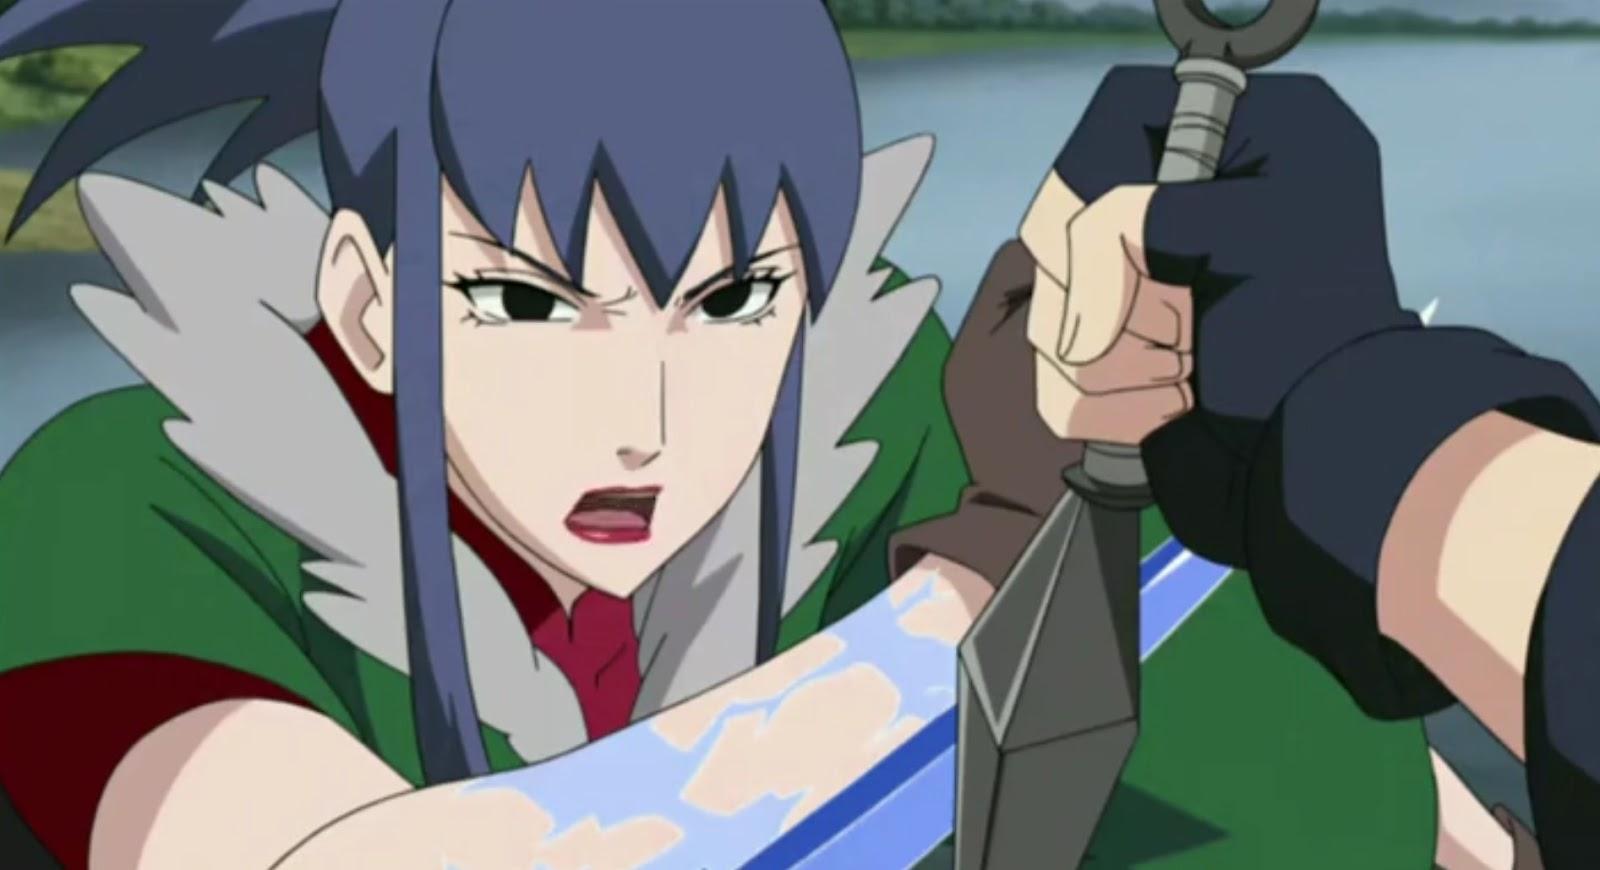 Naruto Shippuden Episódio 103,Naruto Shippuden Episódio 103, Assistir Naruto Shippuden Todos os Episódios Legendado, Naruto Shippuden episódio 103,HD